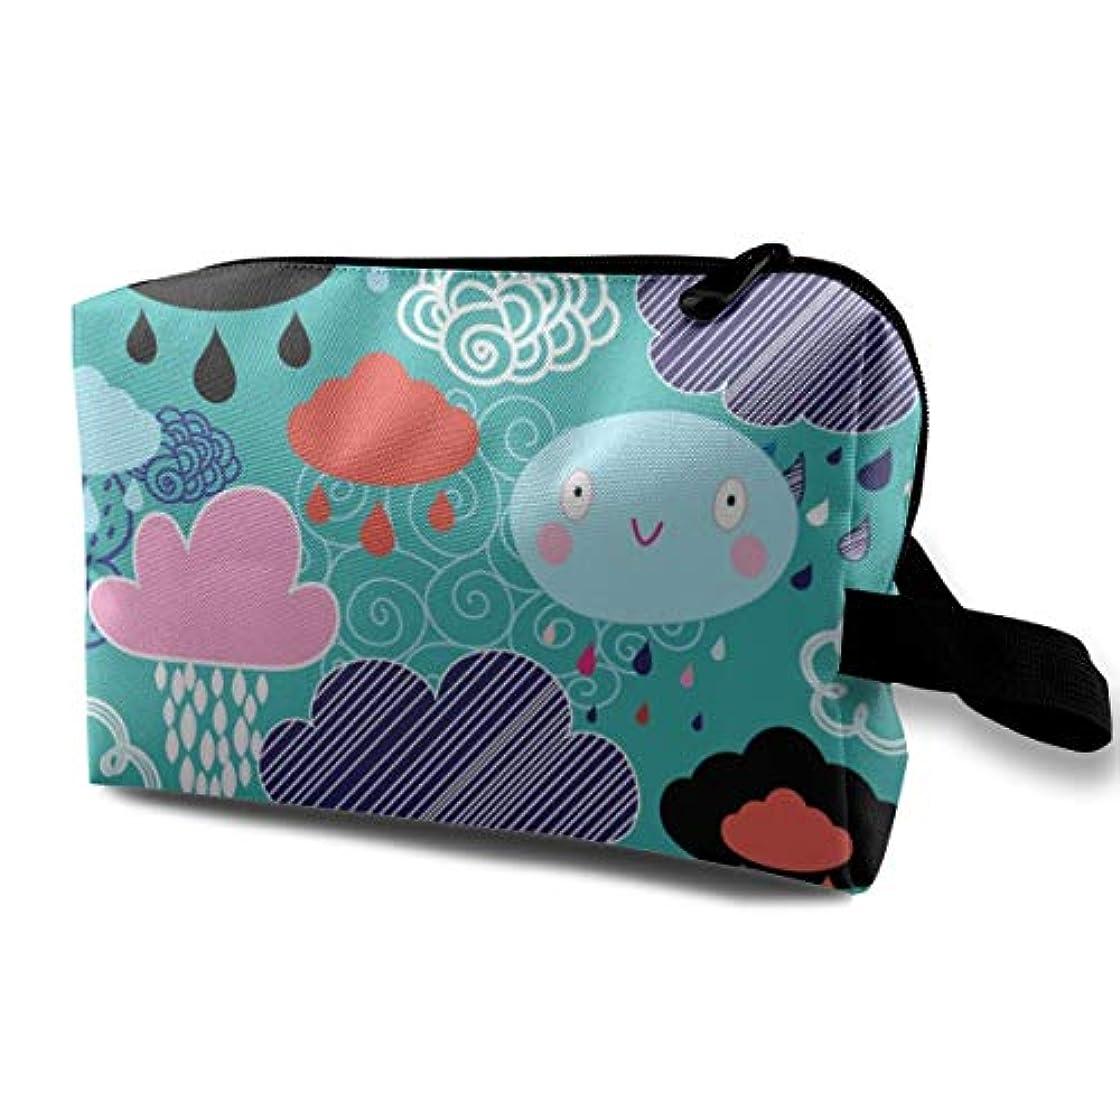 リース銃行くAutumn Clouds Rain 収納ポーチ 化粧ポーチ 大容量 軽量 耐久性 ハンドル付持ち運び便利。入れ 自宅?出張?旅行?アウトドア撮影などに対応。メンズ レディース トラベルグッズ